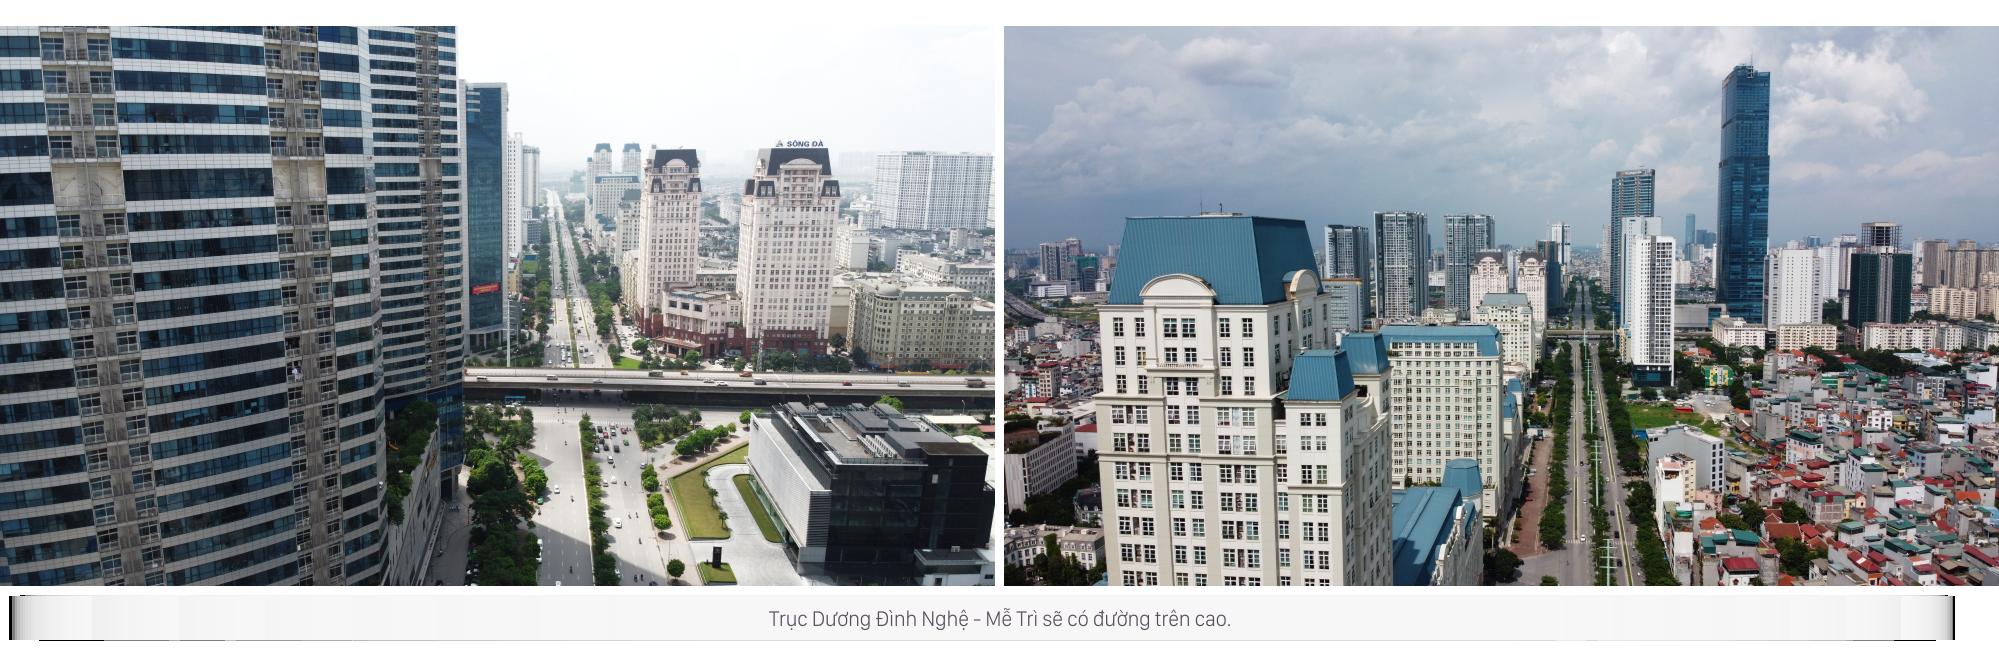 Vùng qui hoạch đẹp Keangnam: Hàng loạt doanh nghiệp lớn đổ về đầu tư, nhiều công trình nổi tiếng thế giới - Ảnh 7.